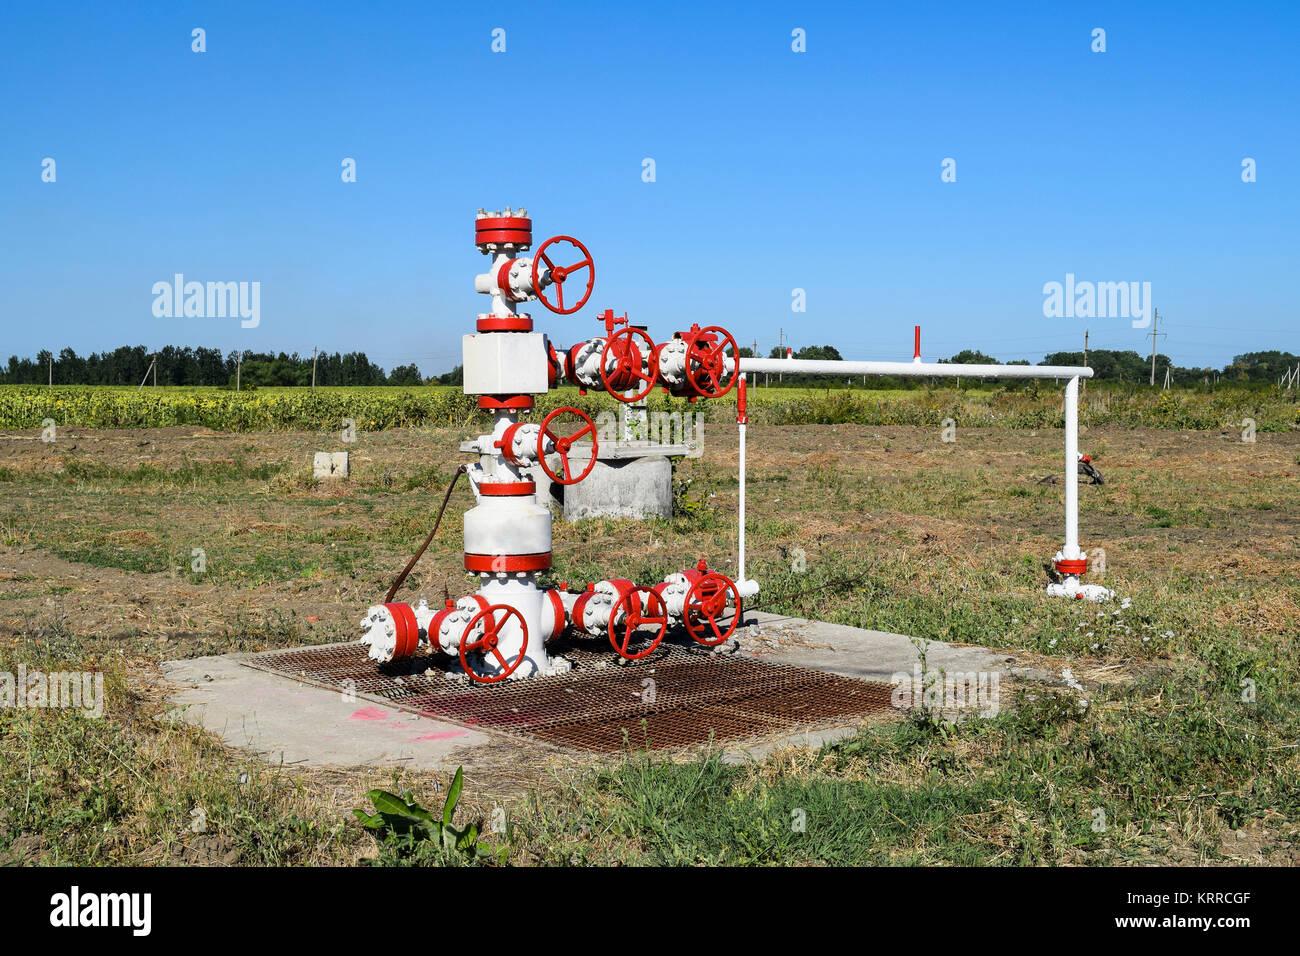 Auch Für Die Produktion Von Öl Und Gas. Öl Gut